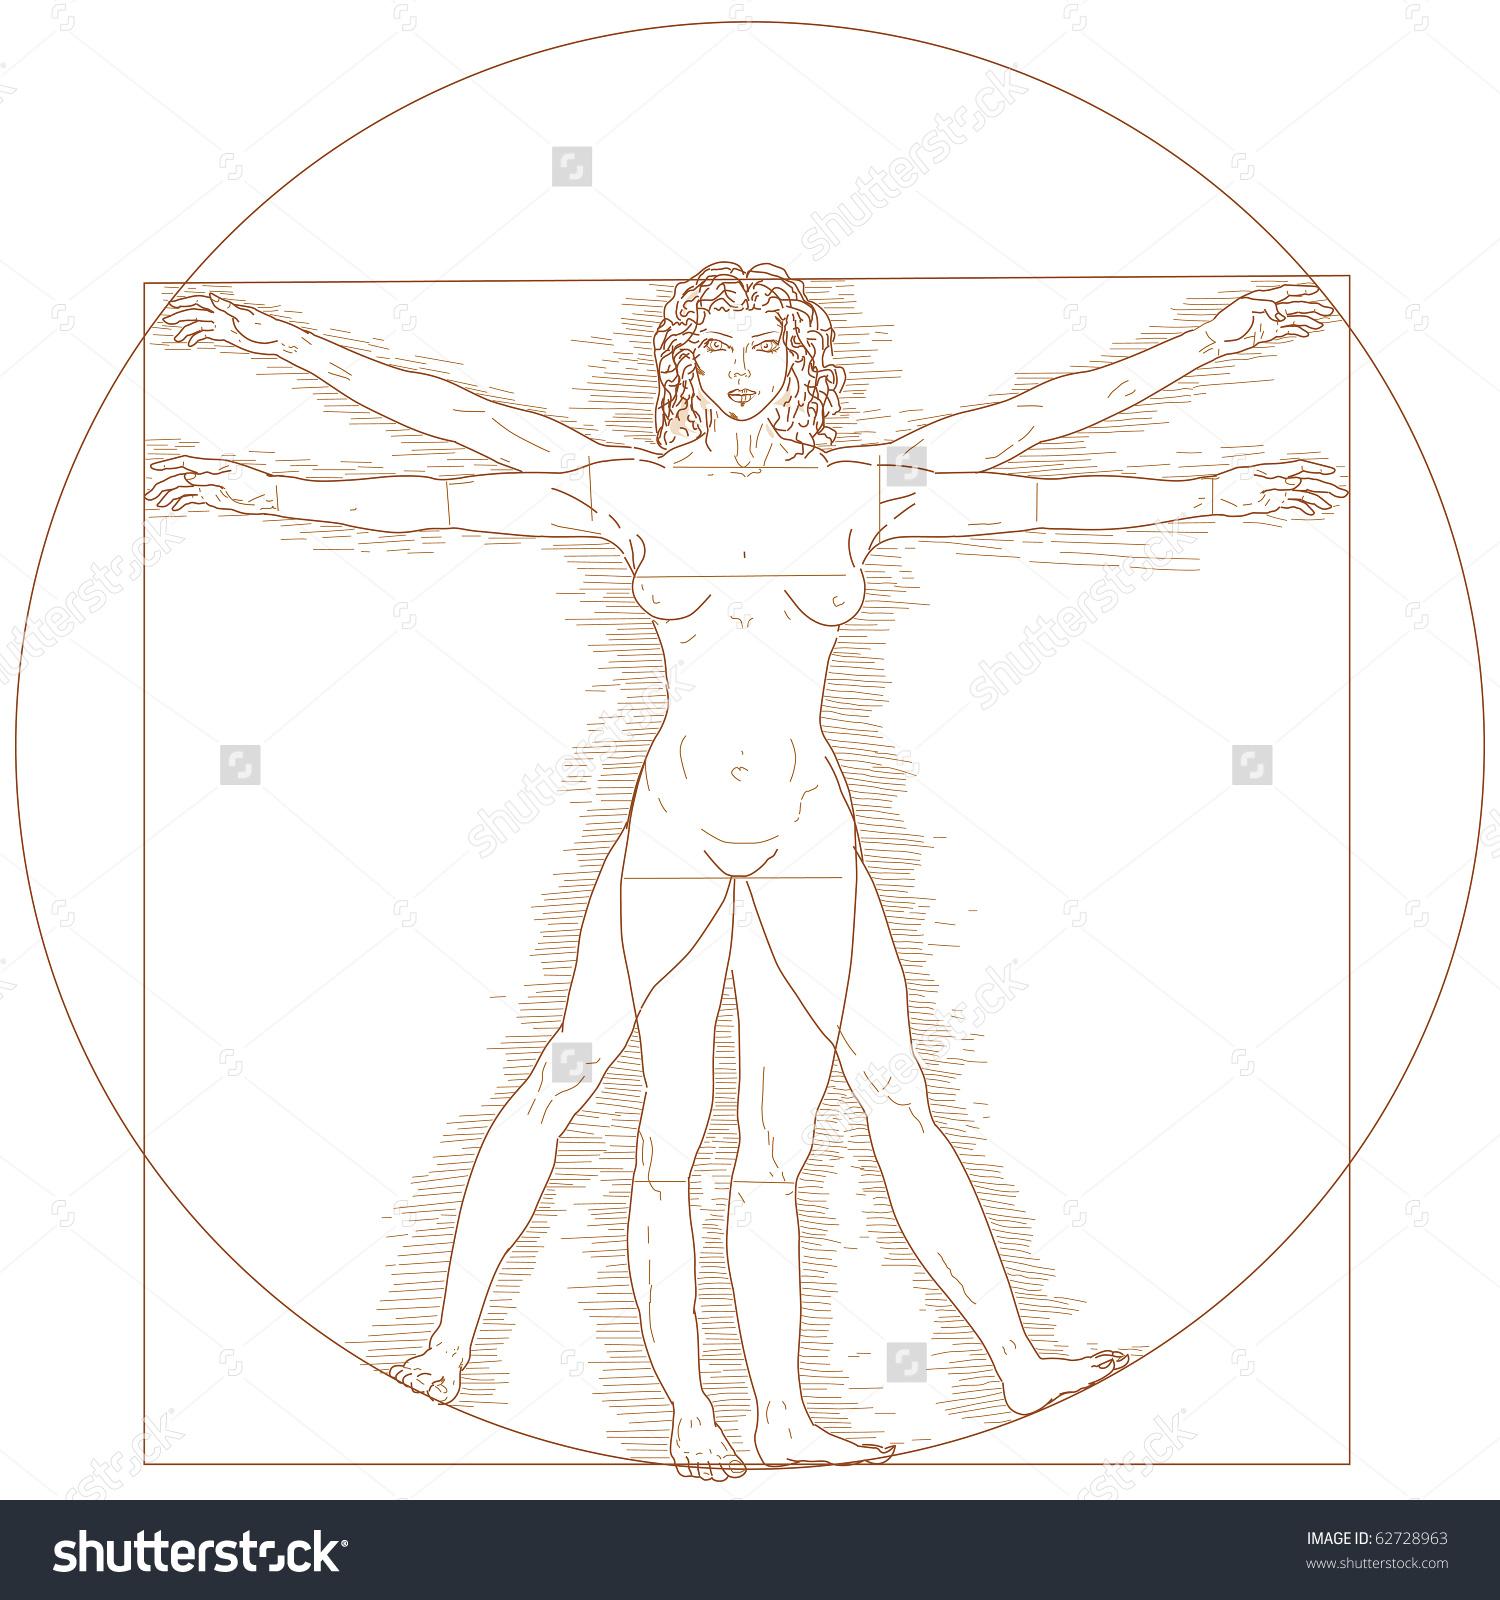 Vitruvian Woman Illustration Stock Illustration 62728963.